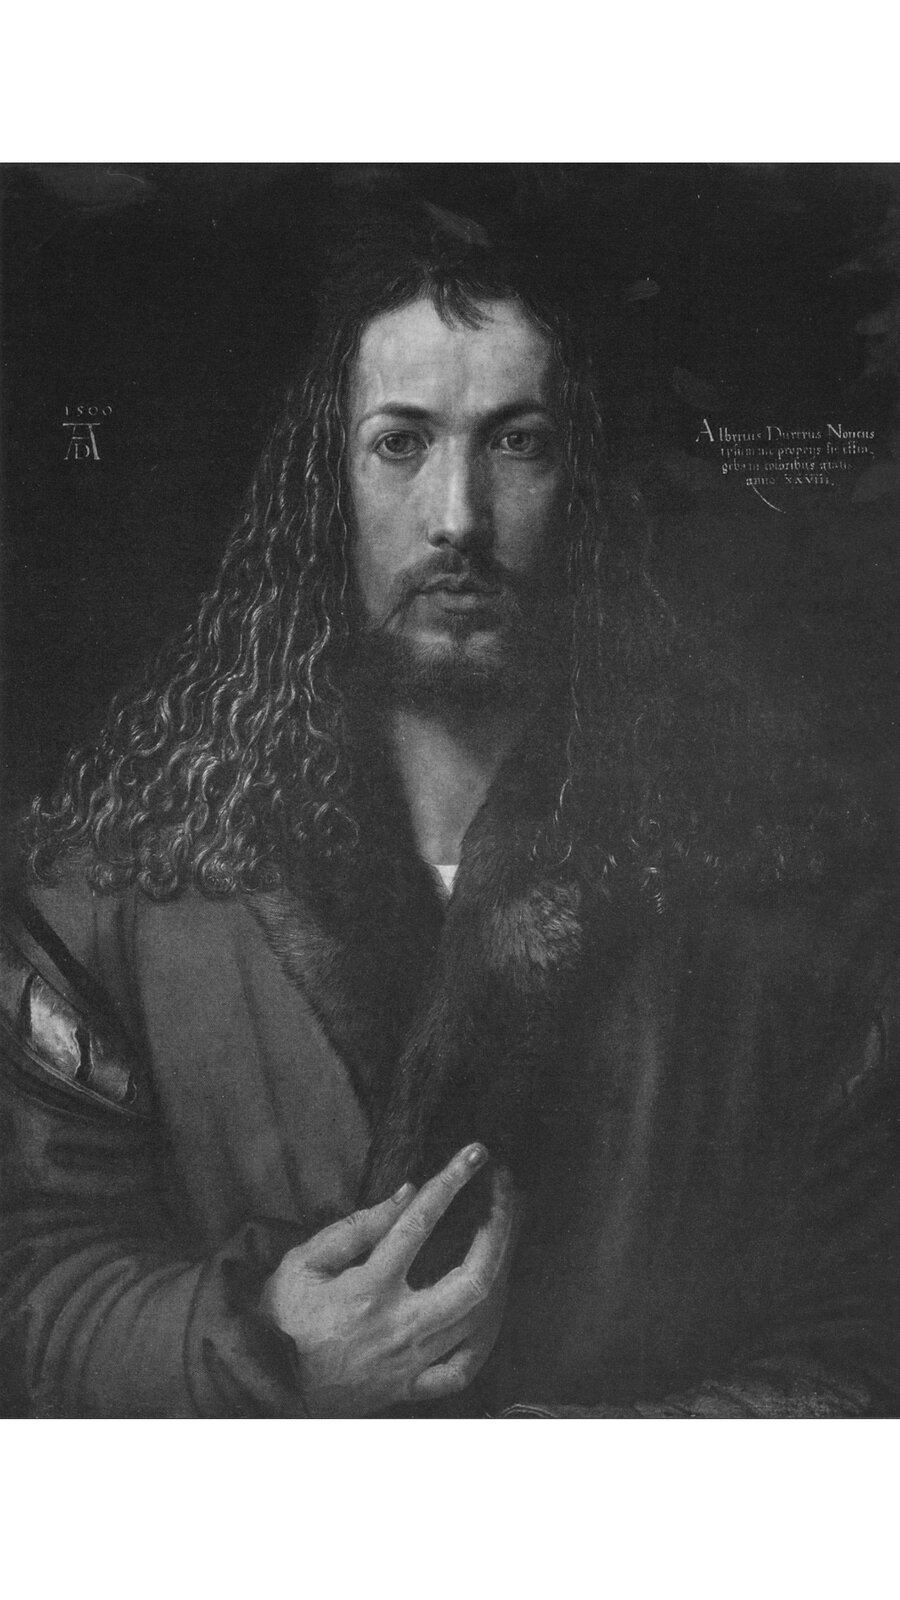 Obraz przedstawia mężczyznę en face. Jego prawa dłoń położona jest na klatce piersiowej, apalce wskazują na serce. Długie, falowane włosy mężczyzny opadają na ramiona.